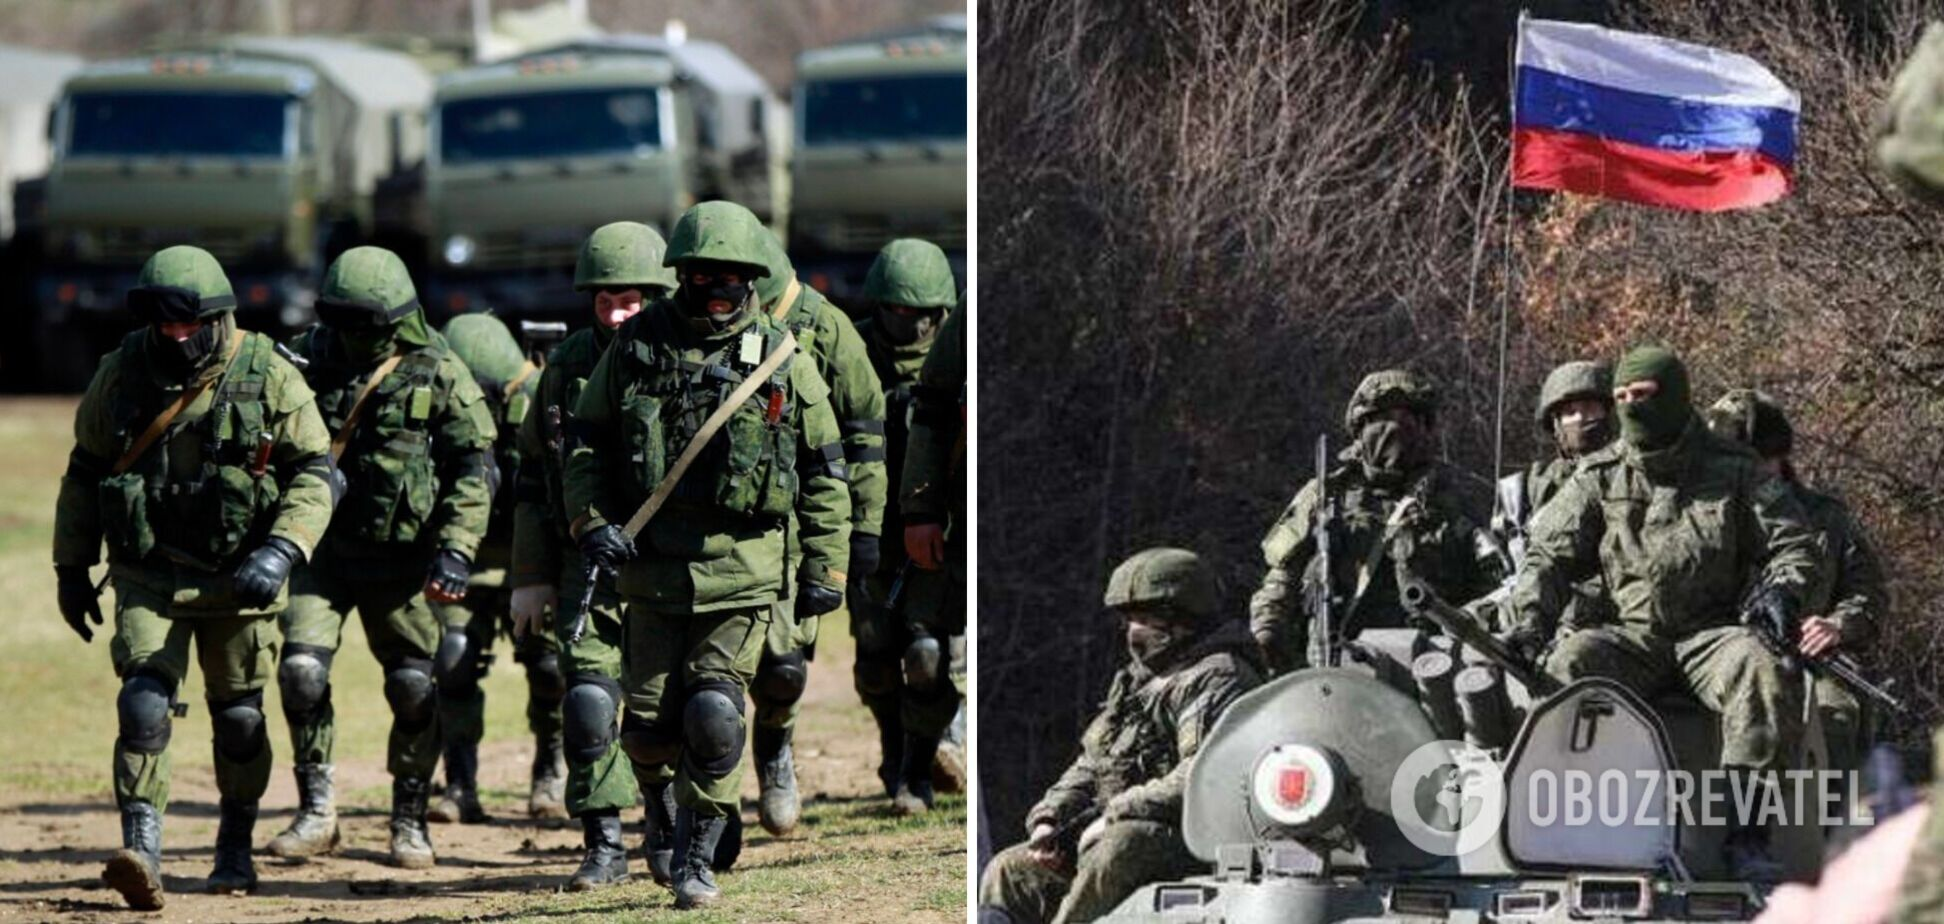 Оккупационные войска проводили военные учения на Донбассе с грубыми нарушениями – ООС